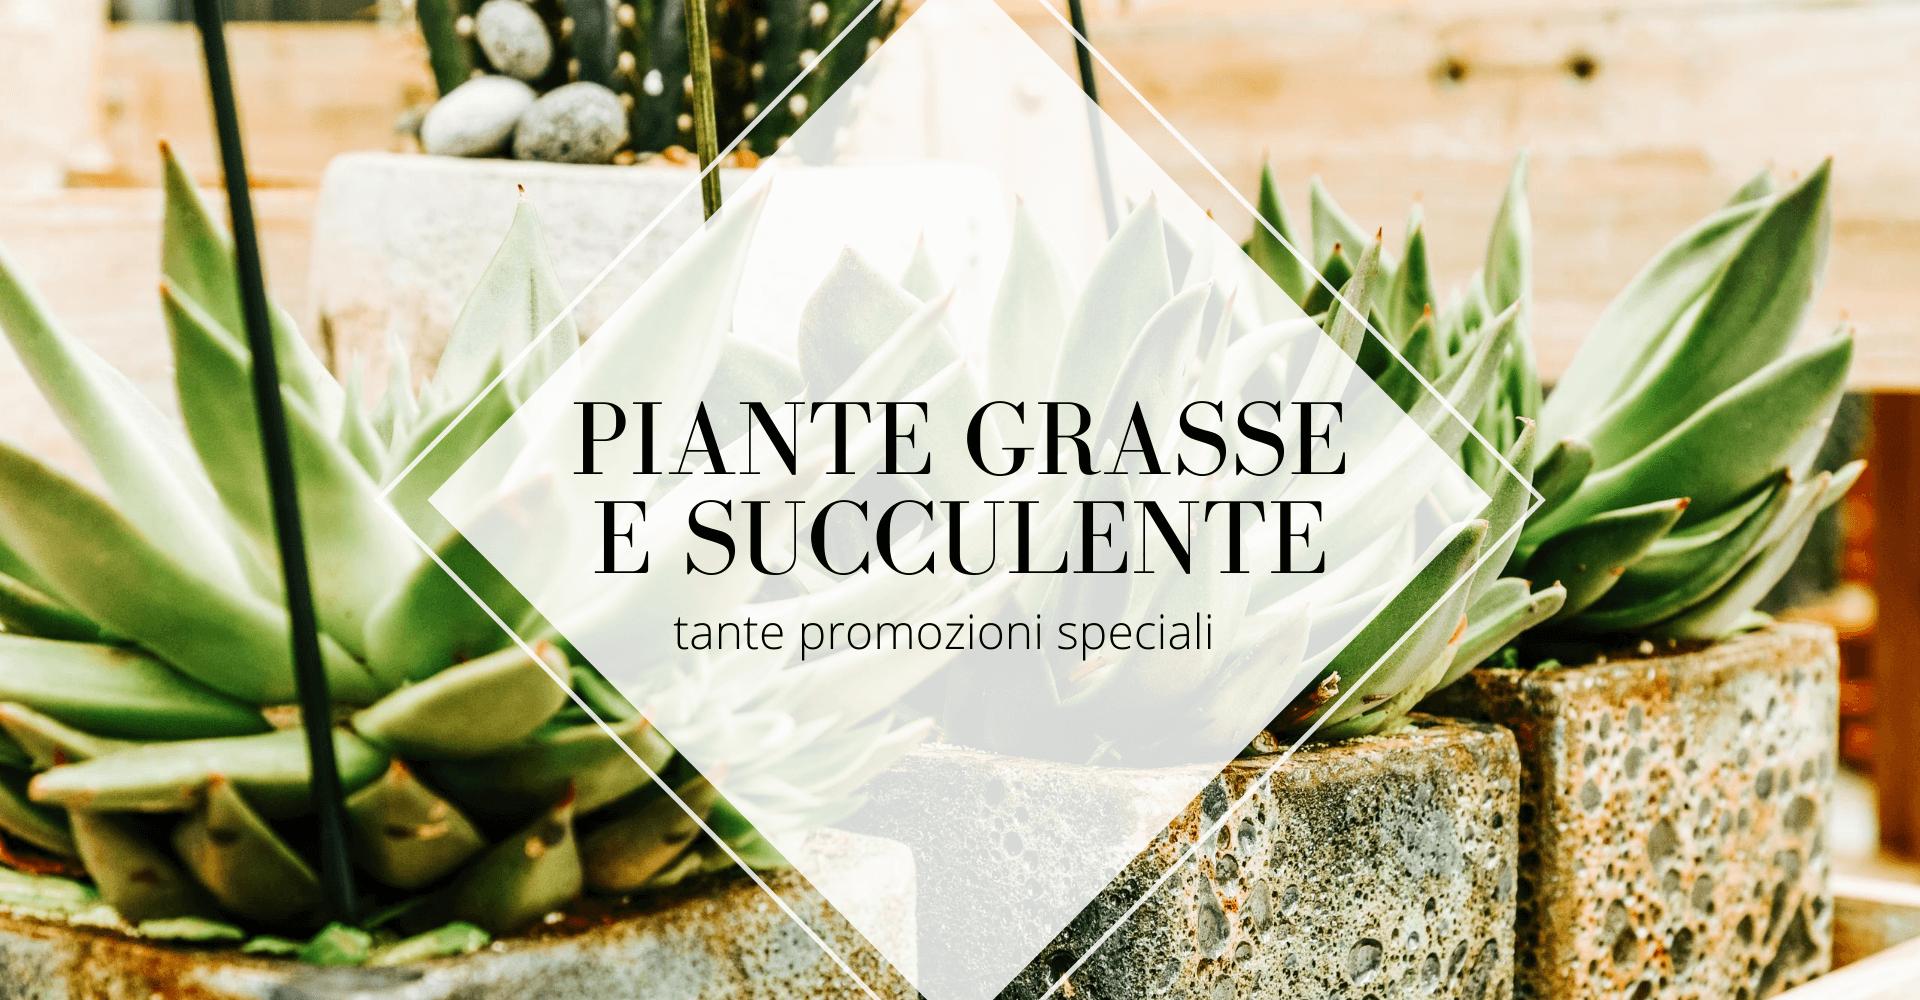 Piante grasse e succulente Centro Giardinaggio Pellegrini